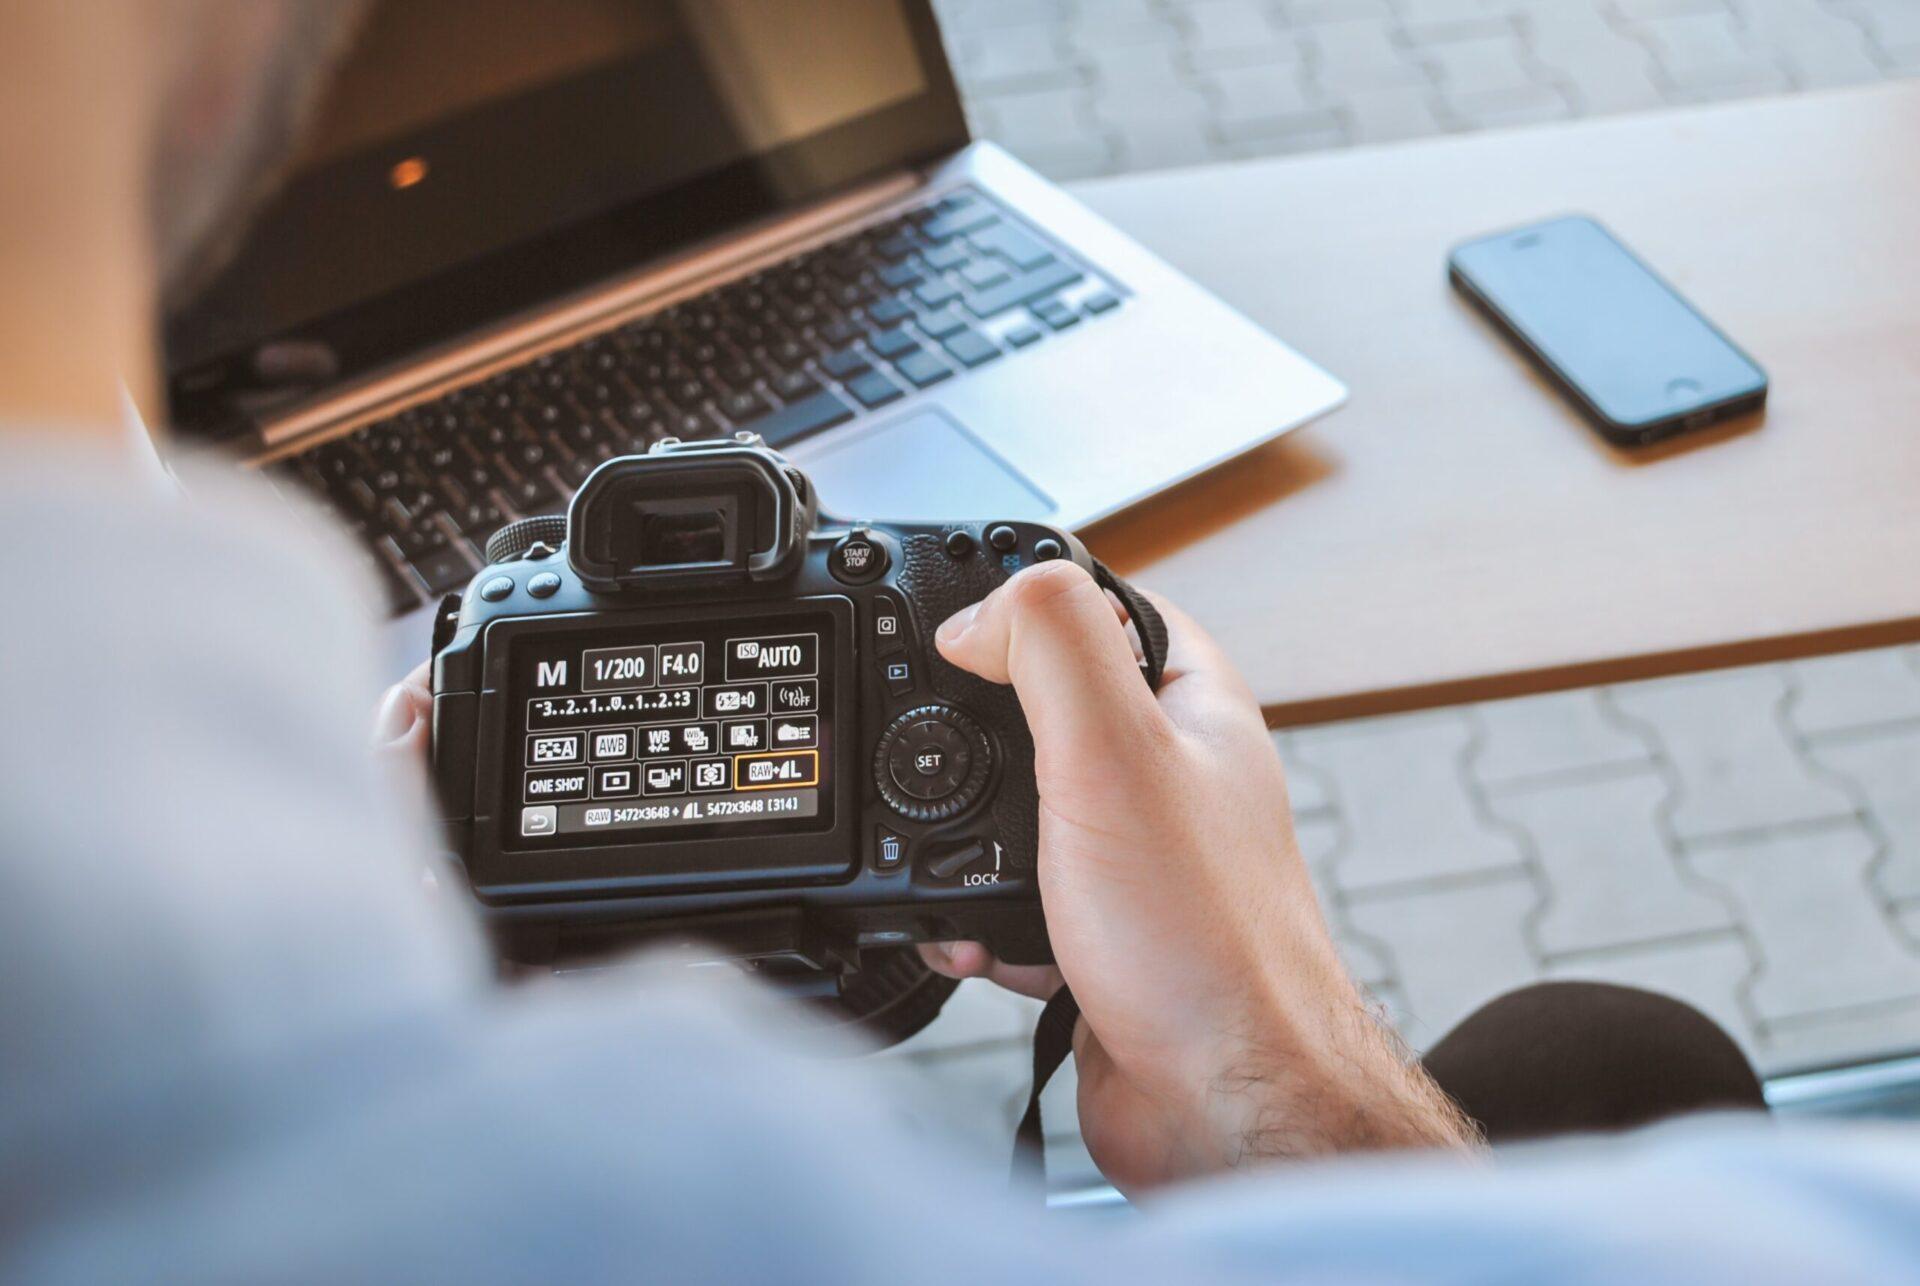 施工管理の写真の撮り方の勉強方法